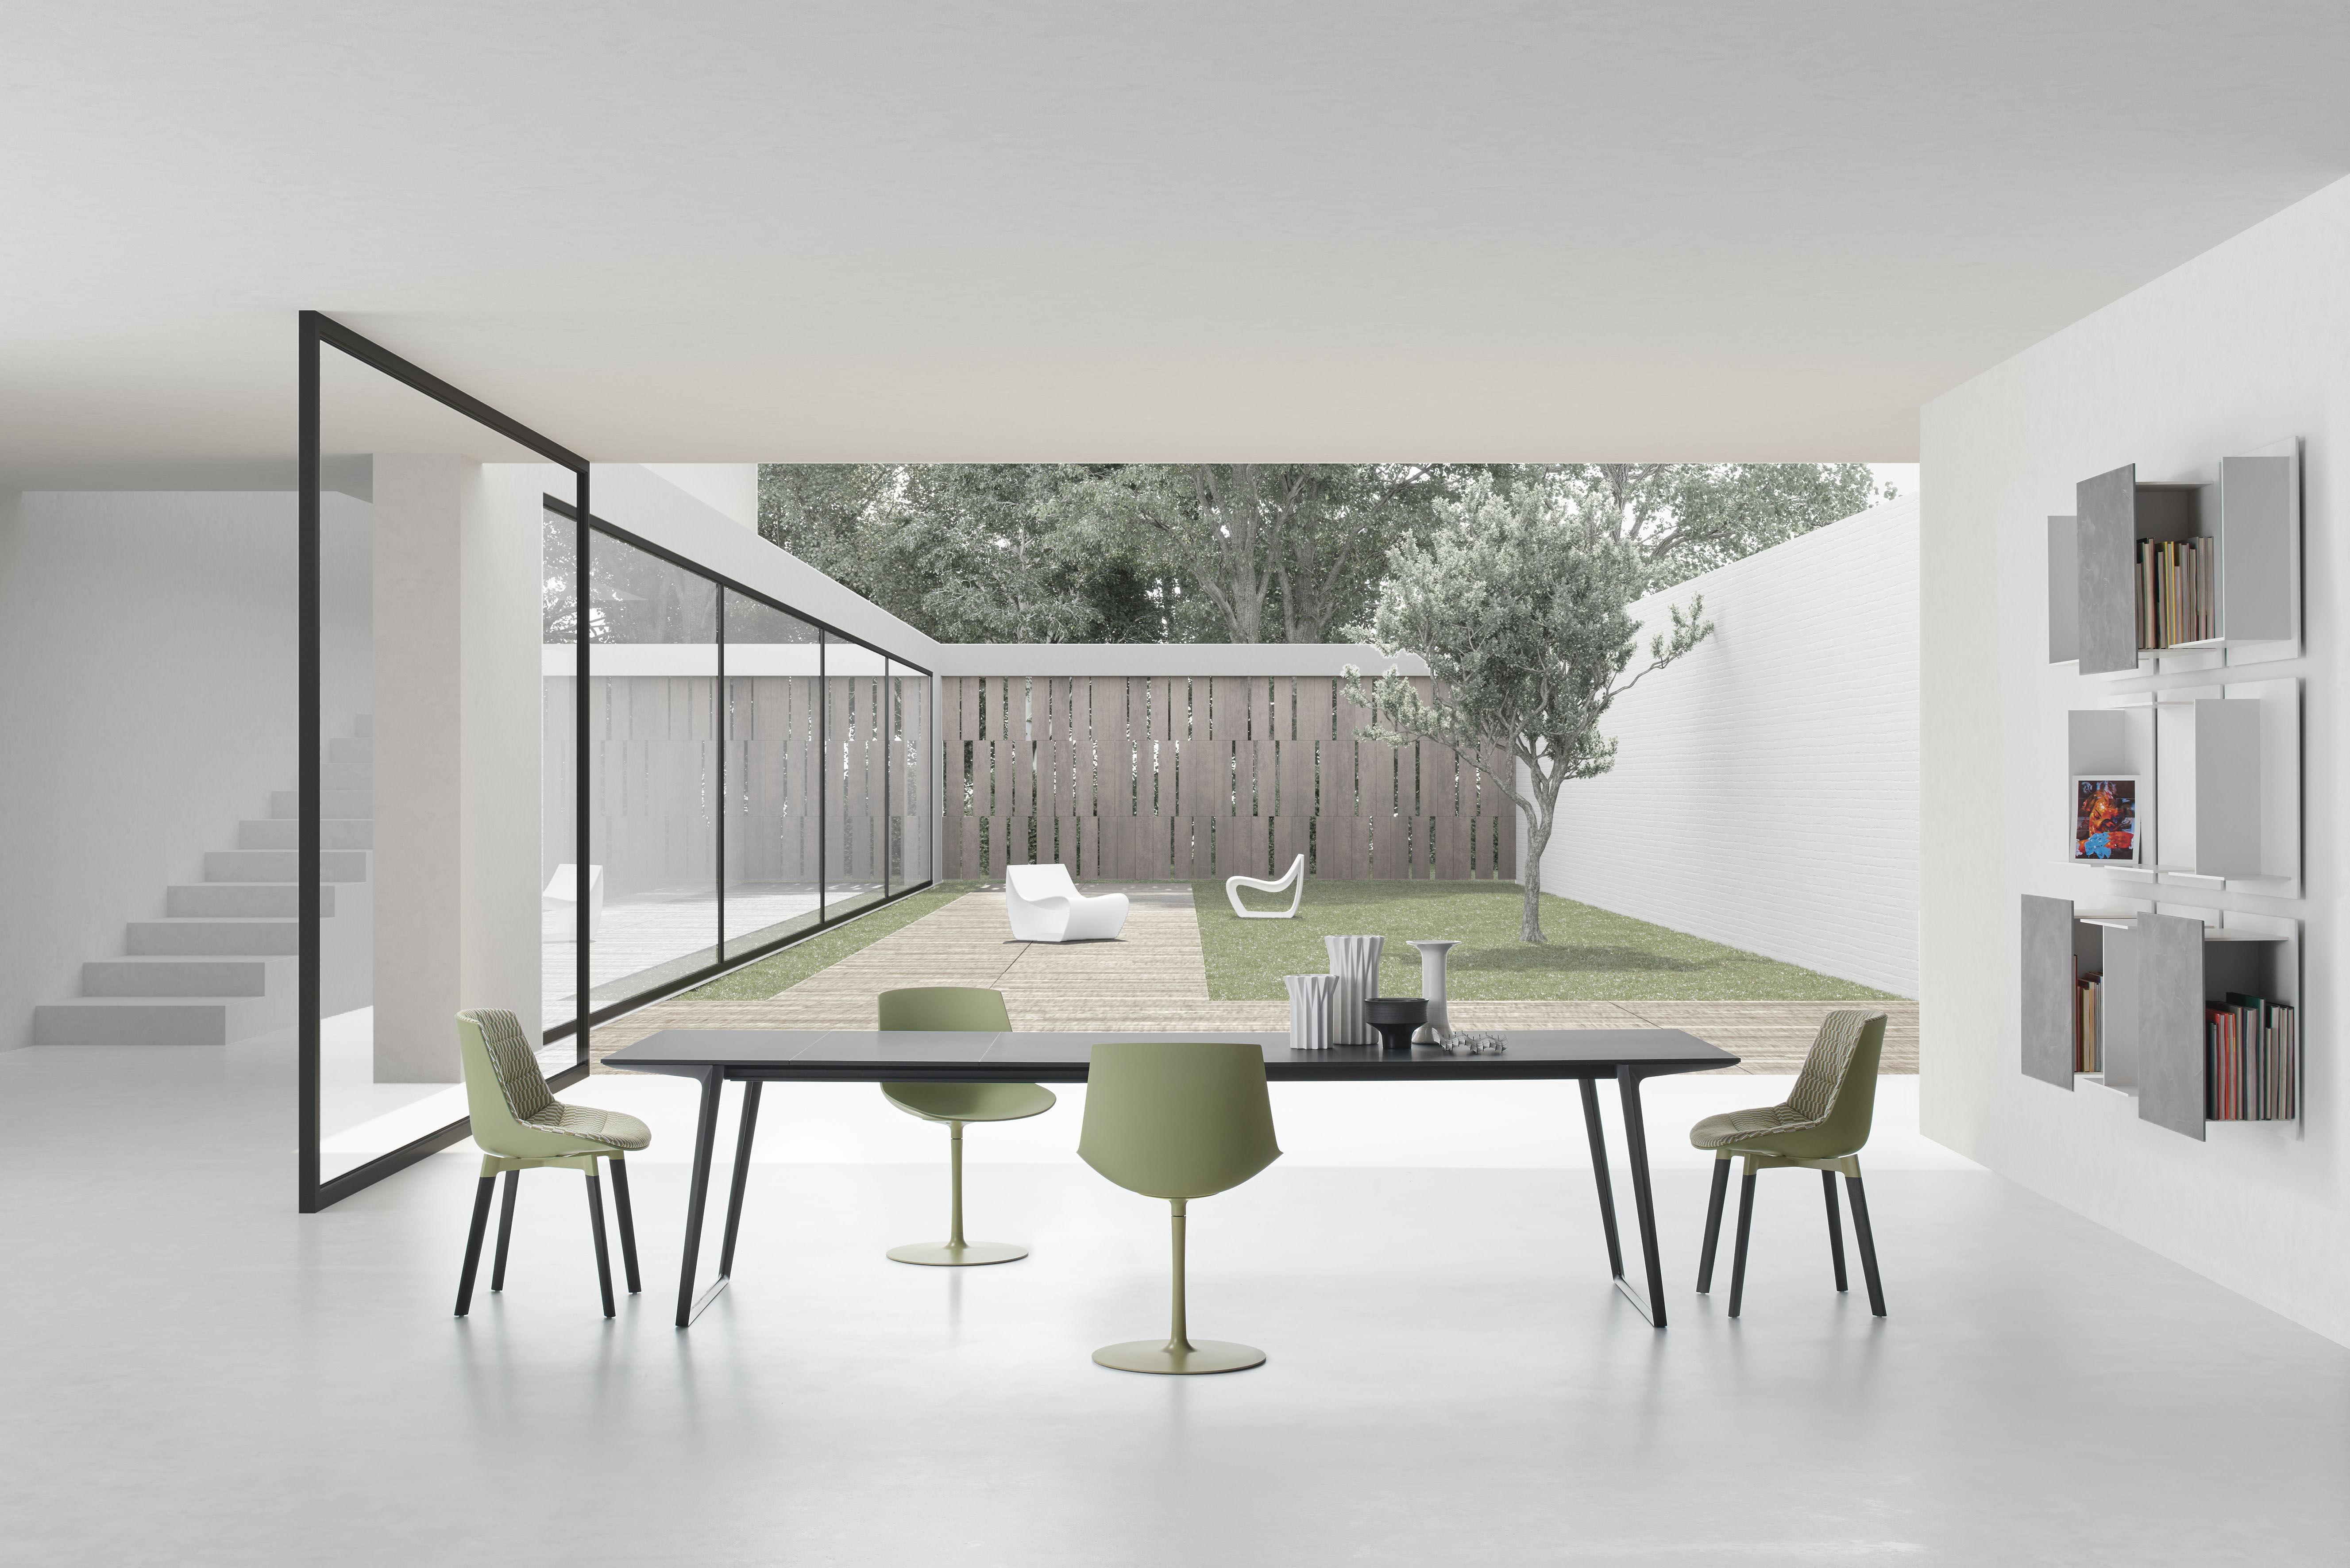 Sedia Imbottita Design : Scopri sedia imbottita flow color 4 piedi cross rovere blu